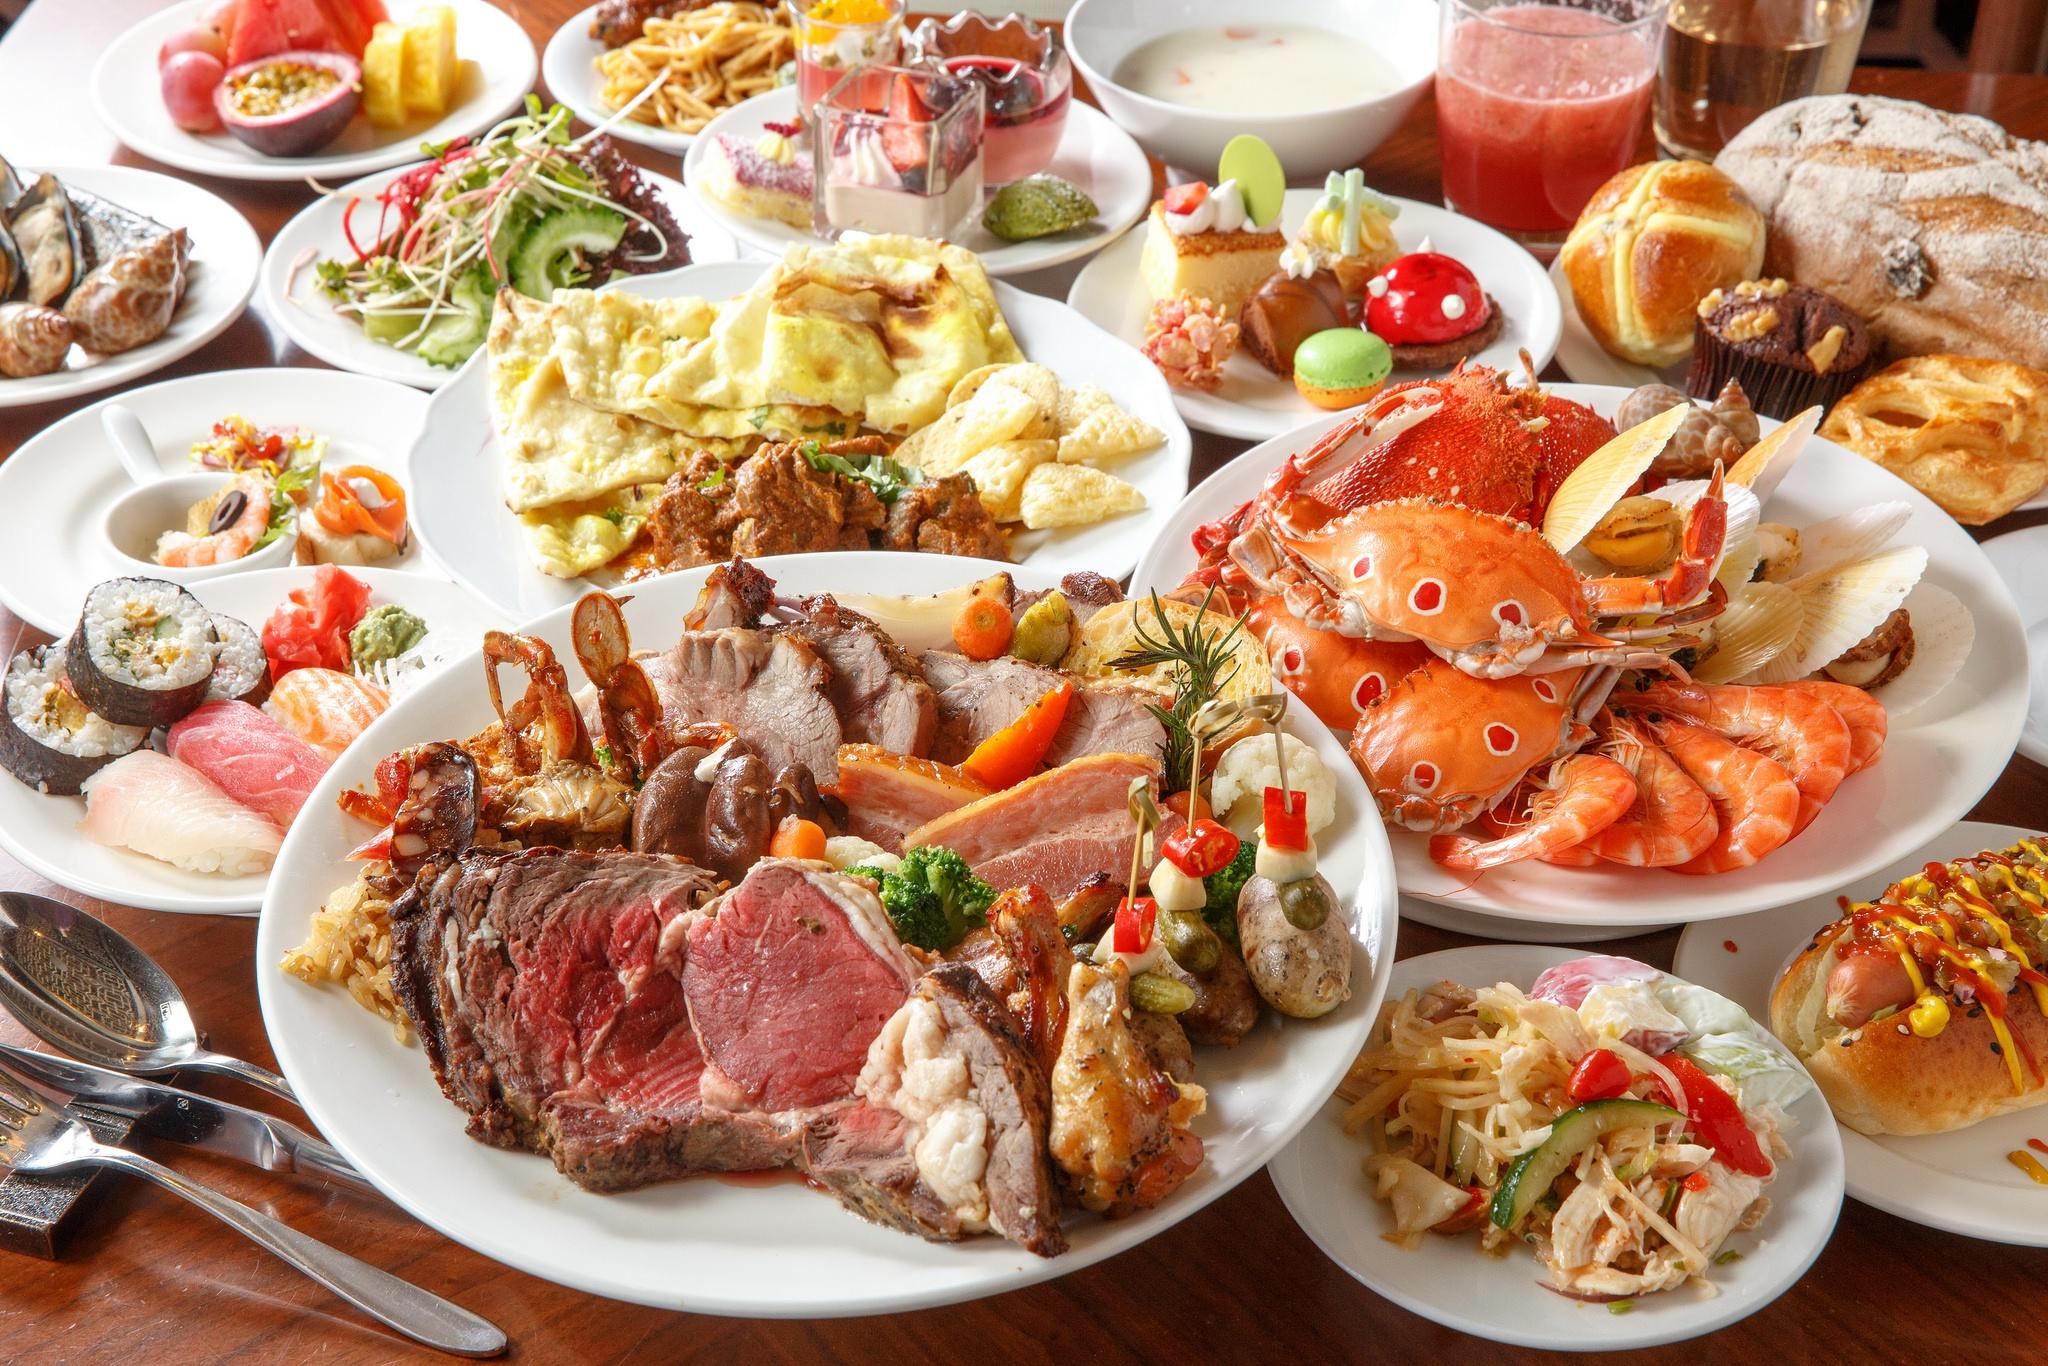 много разной еды картинки хорошо известна